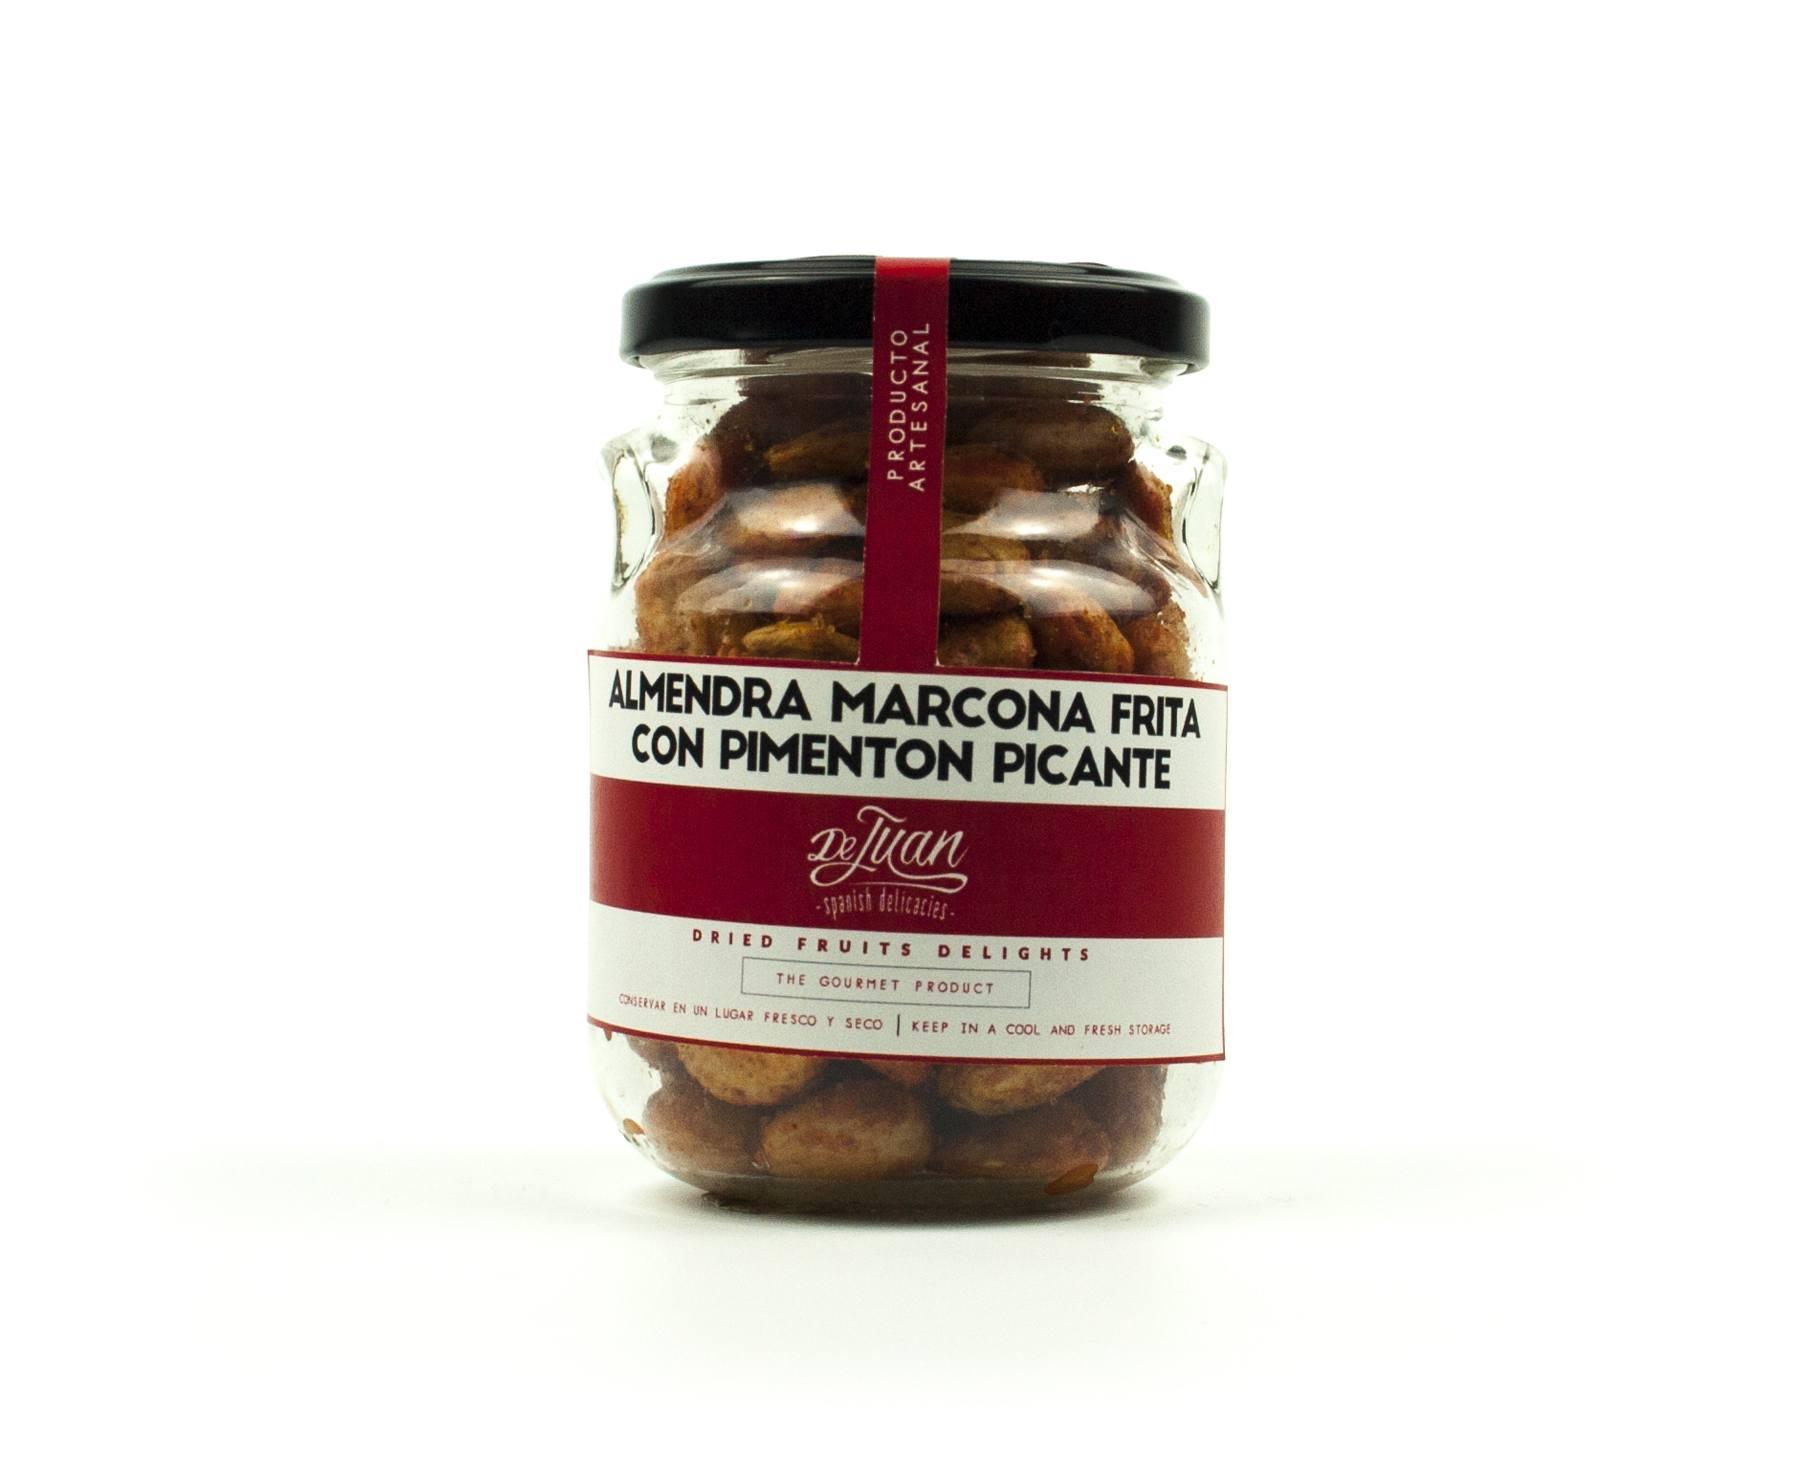 Almendra Marcona Frita con Pimenton Picante